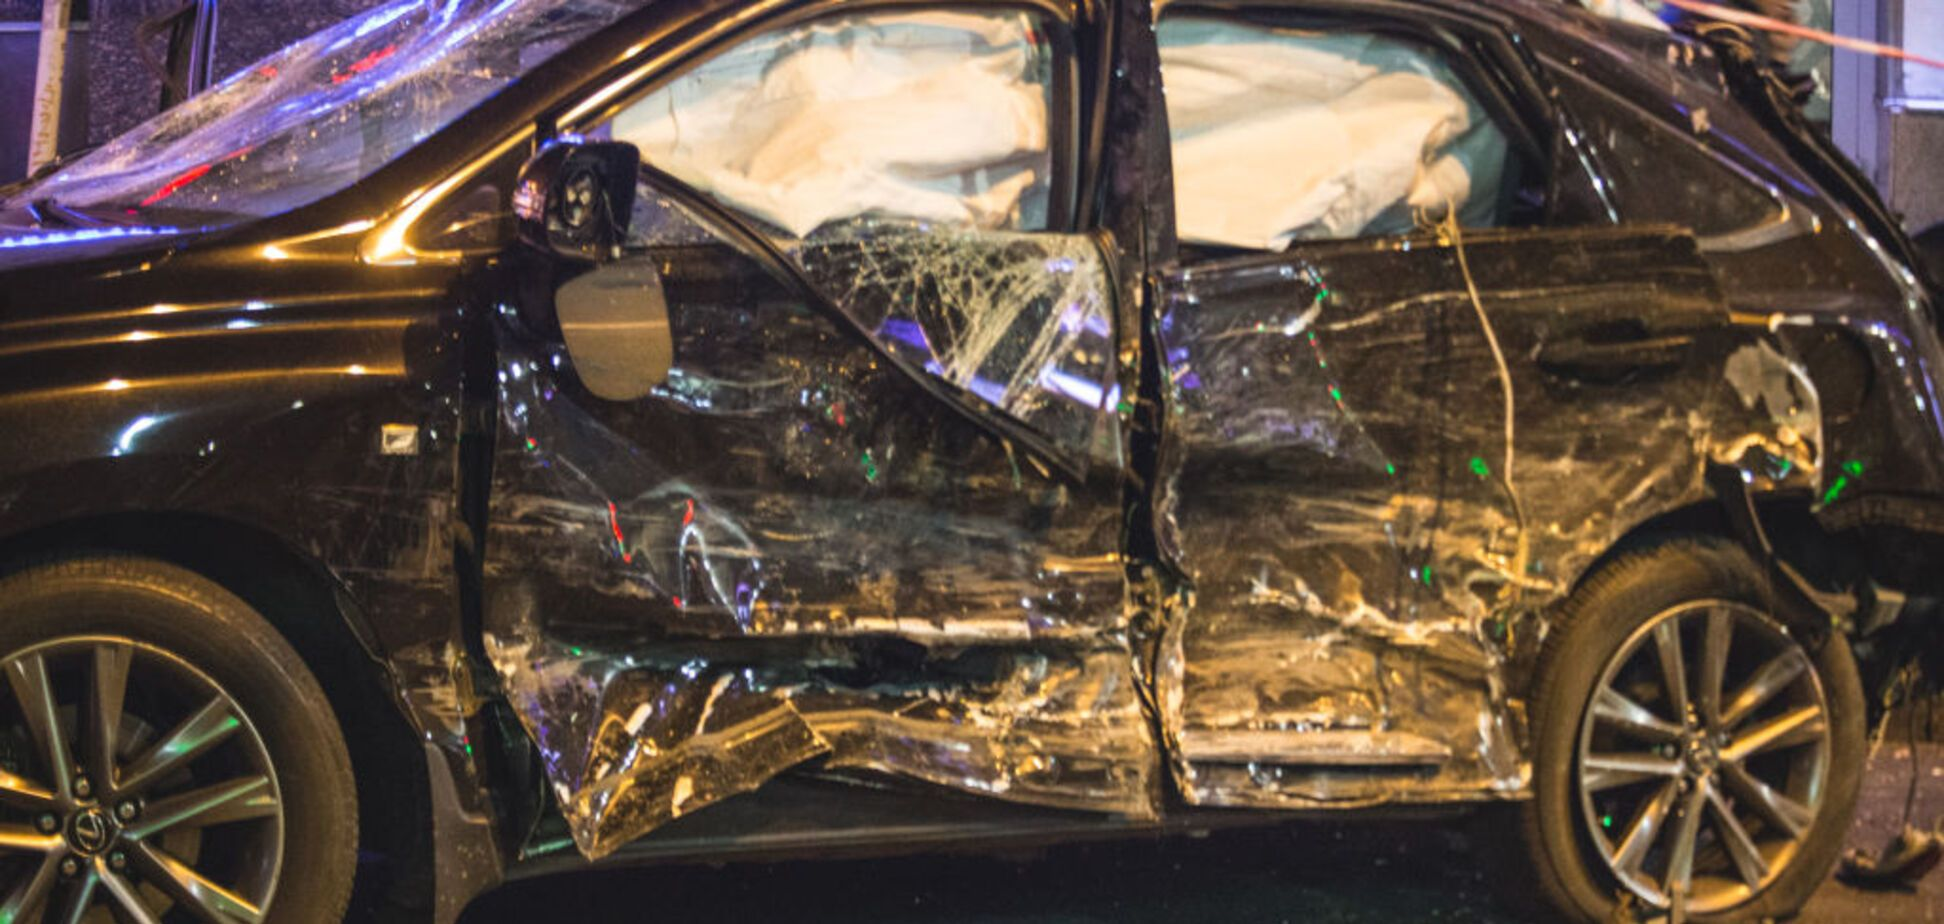 'Она догадывается': пострадавшей в ДТП в Харькове не сообщили о гибели родных